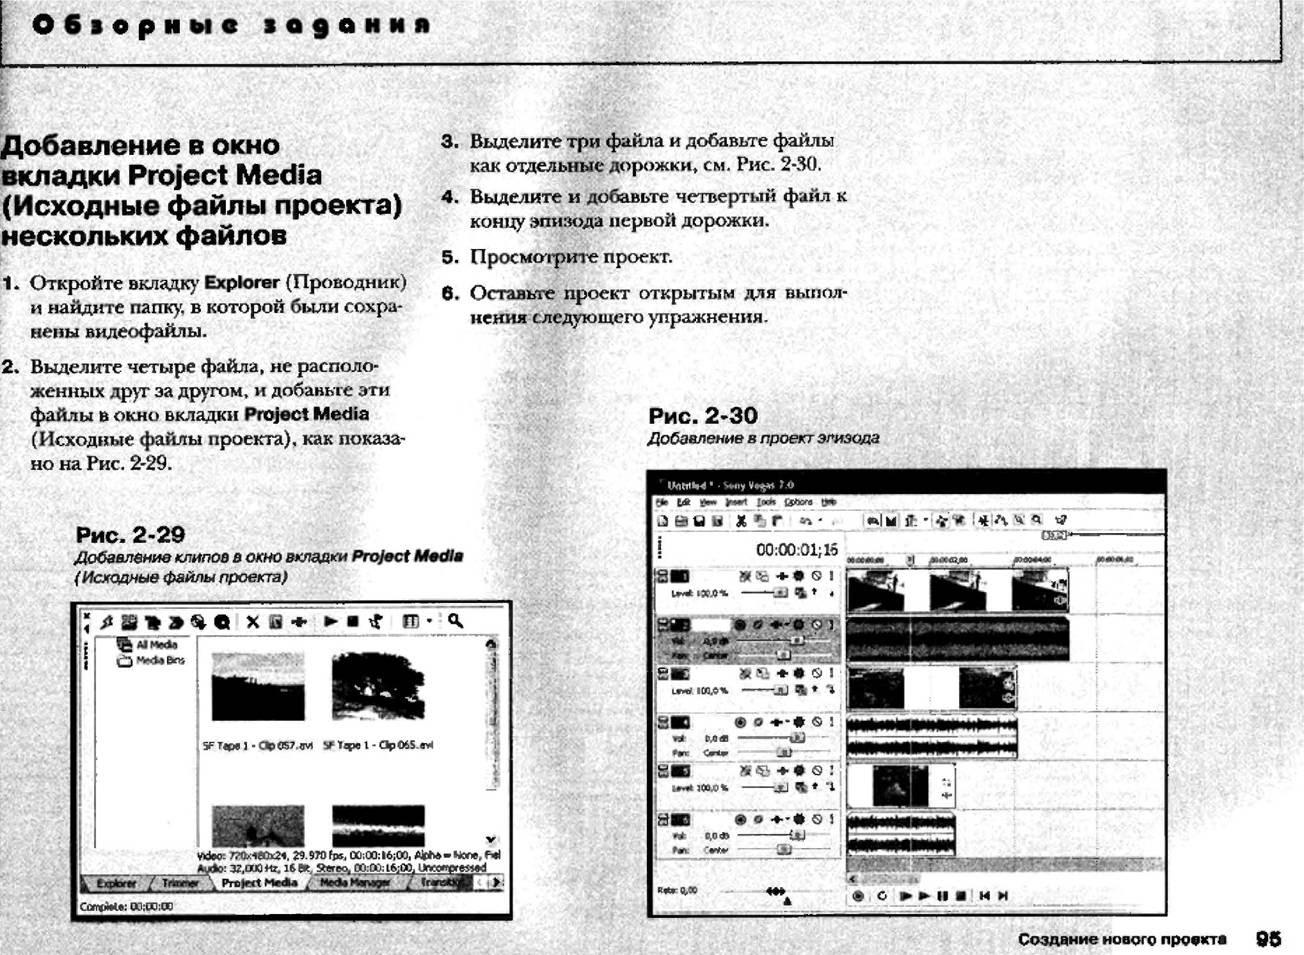 http://redaktori-uroki.3dn.ru/_ph/12/242088523.jpg